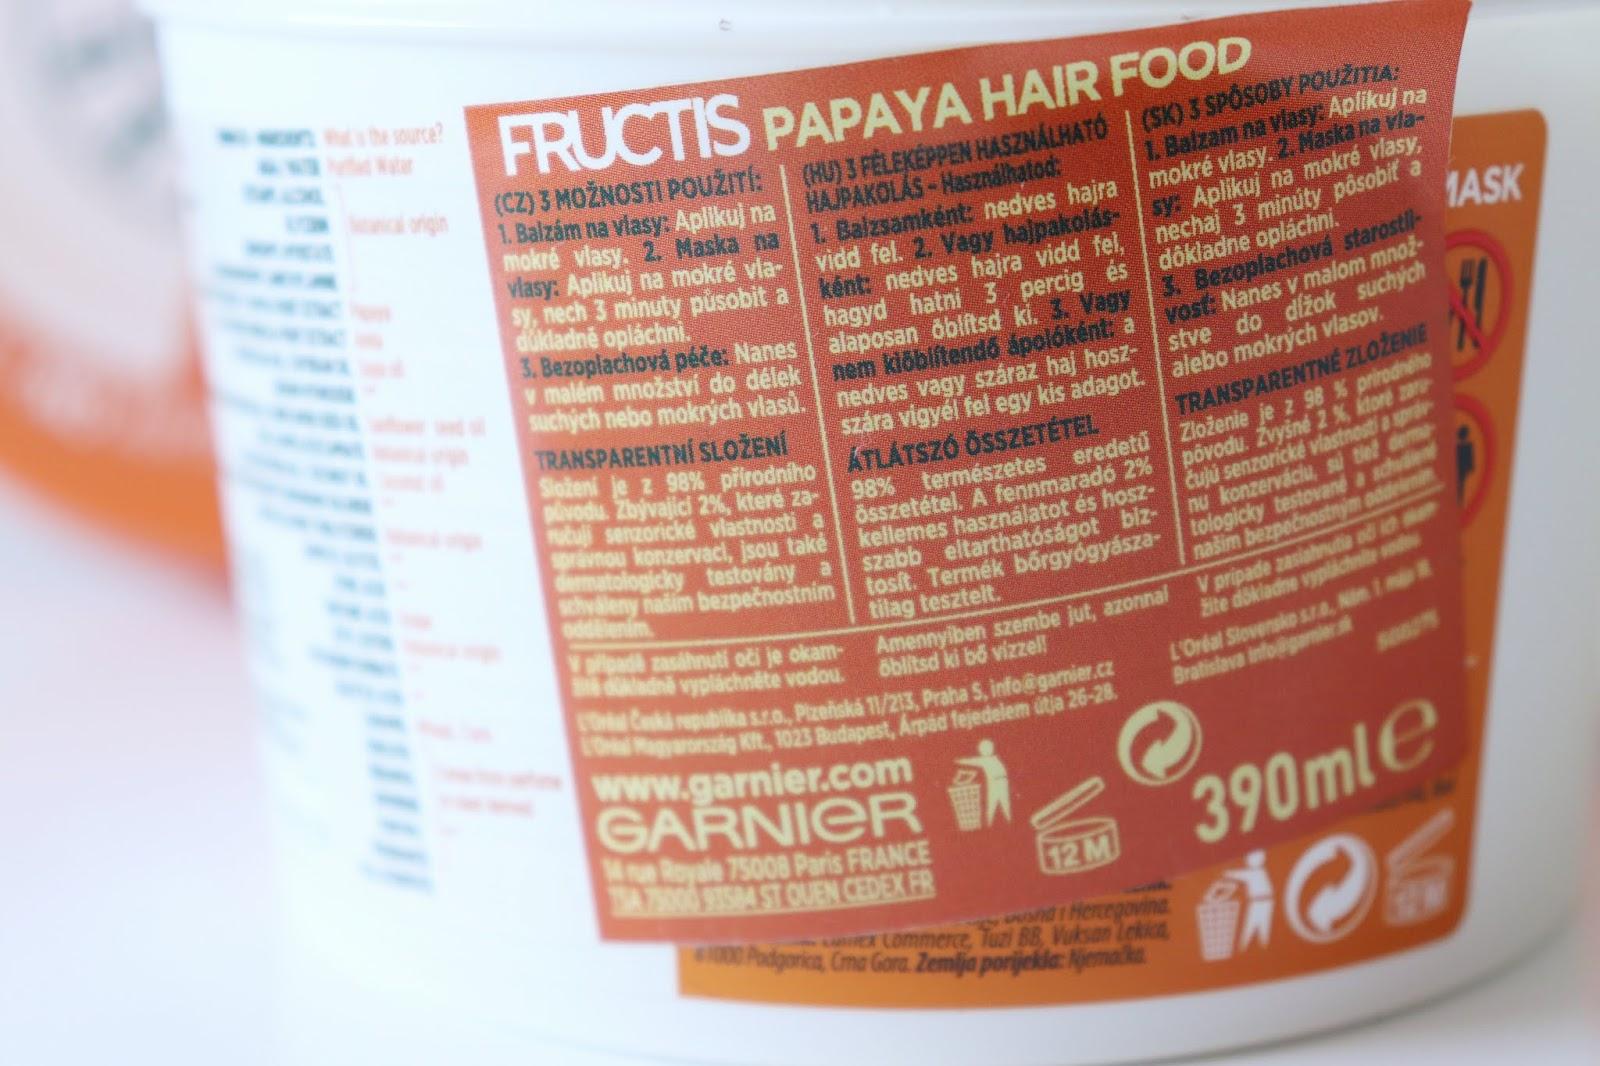 Ja som Garnier Fructis Papaya Hair food používala hlavne ako masku a ako  bezoplachovú starostlivosť. Použitie ako maska je jednoduché. e0fd0152088